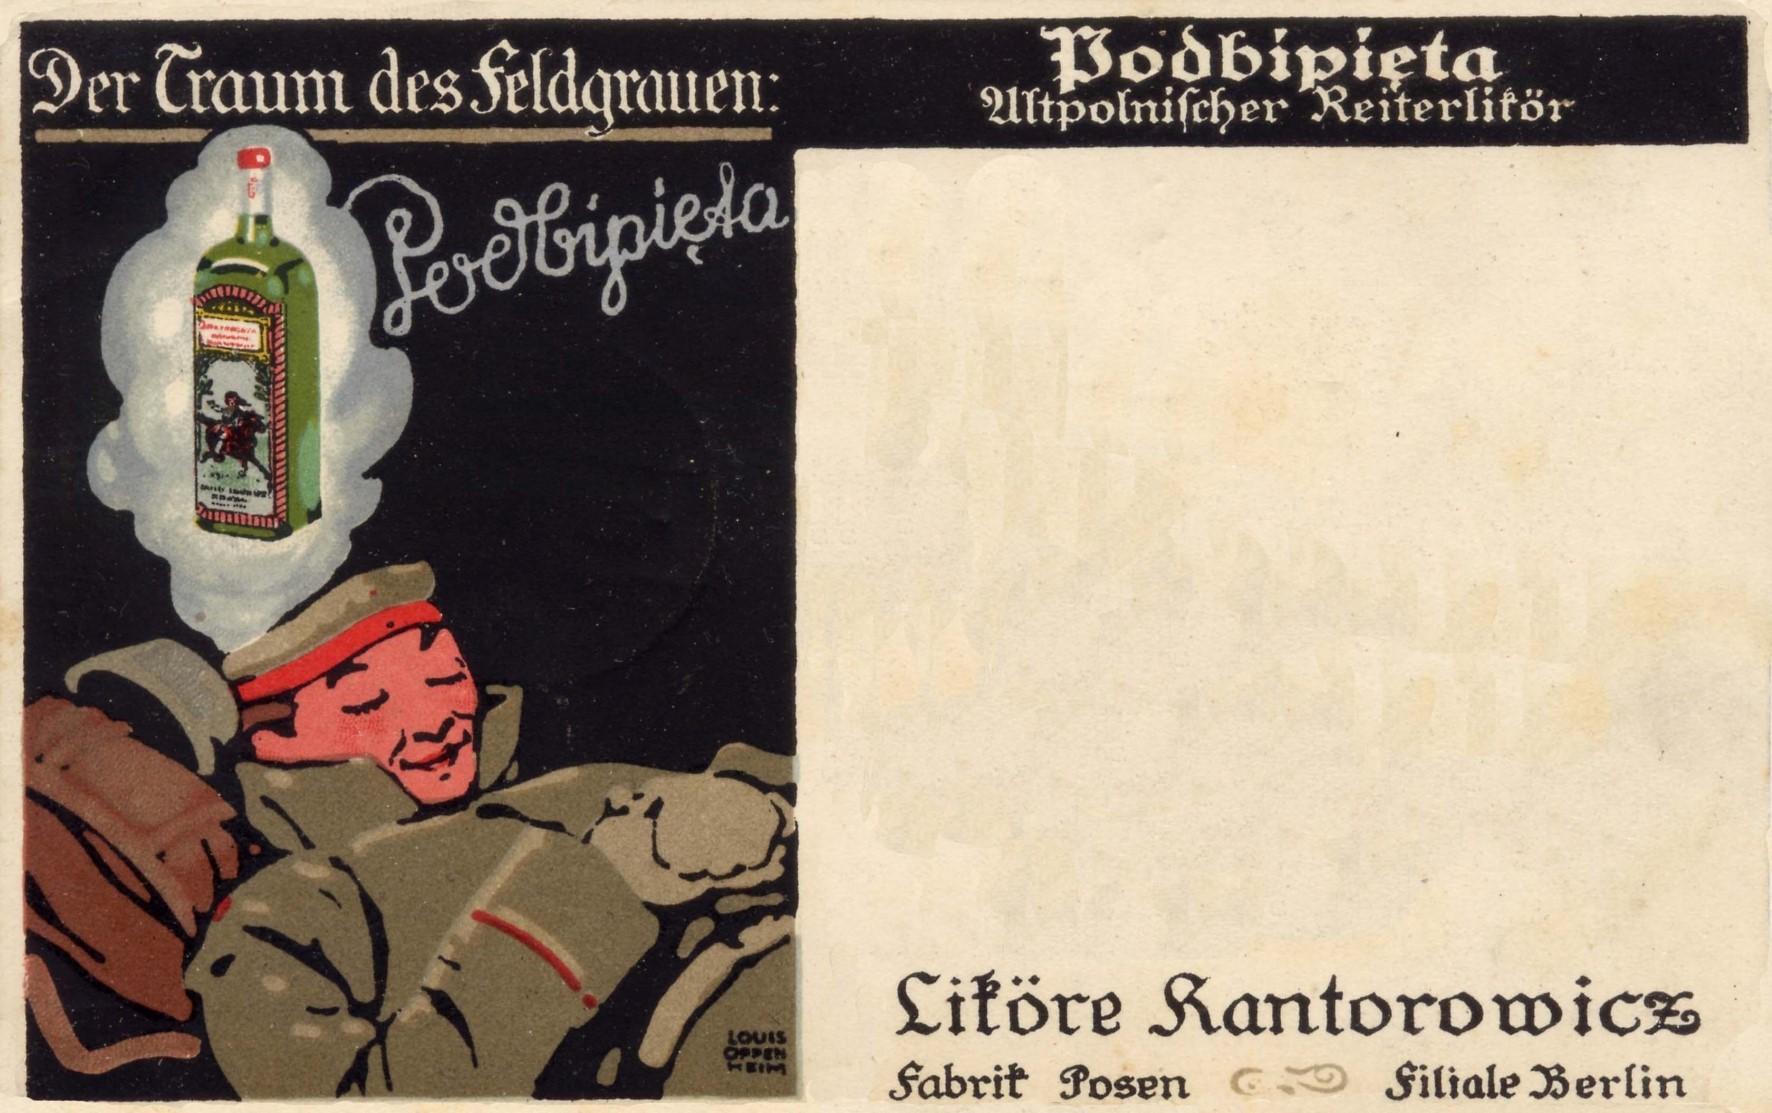 Kantorowicz Feldpostkarte 2, ©Stephan Becker, Brüssow